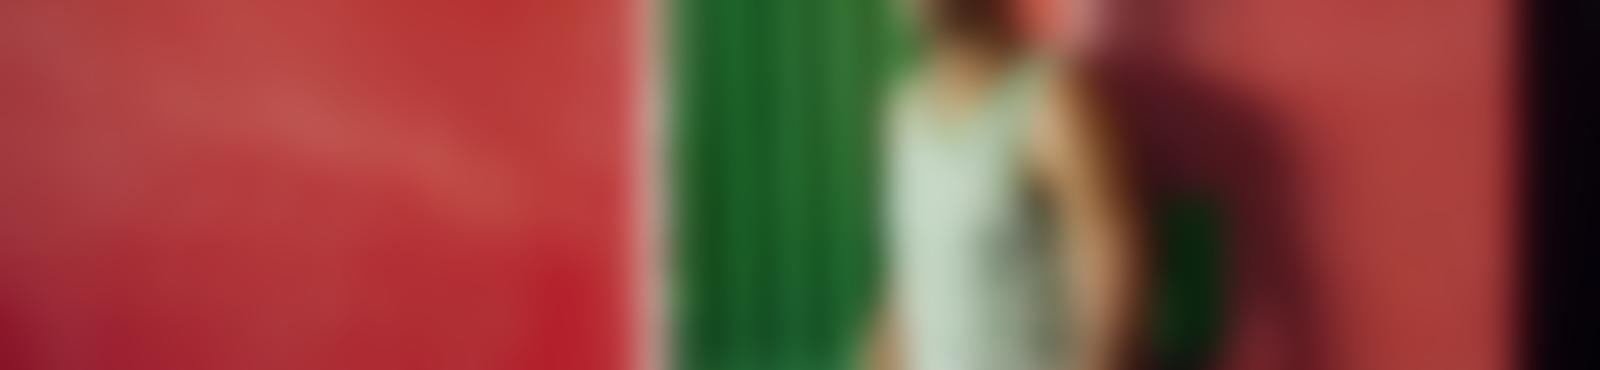 Blurred 96399d69 df3c 4047 8817 5963e368c3d3